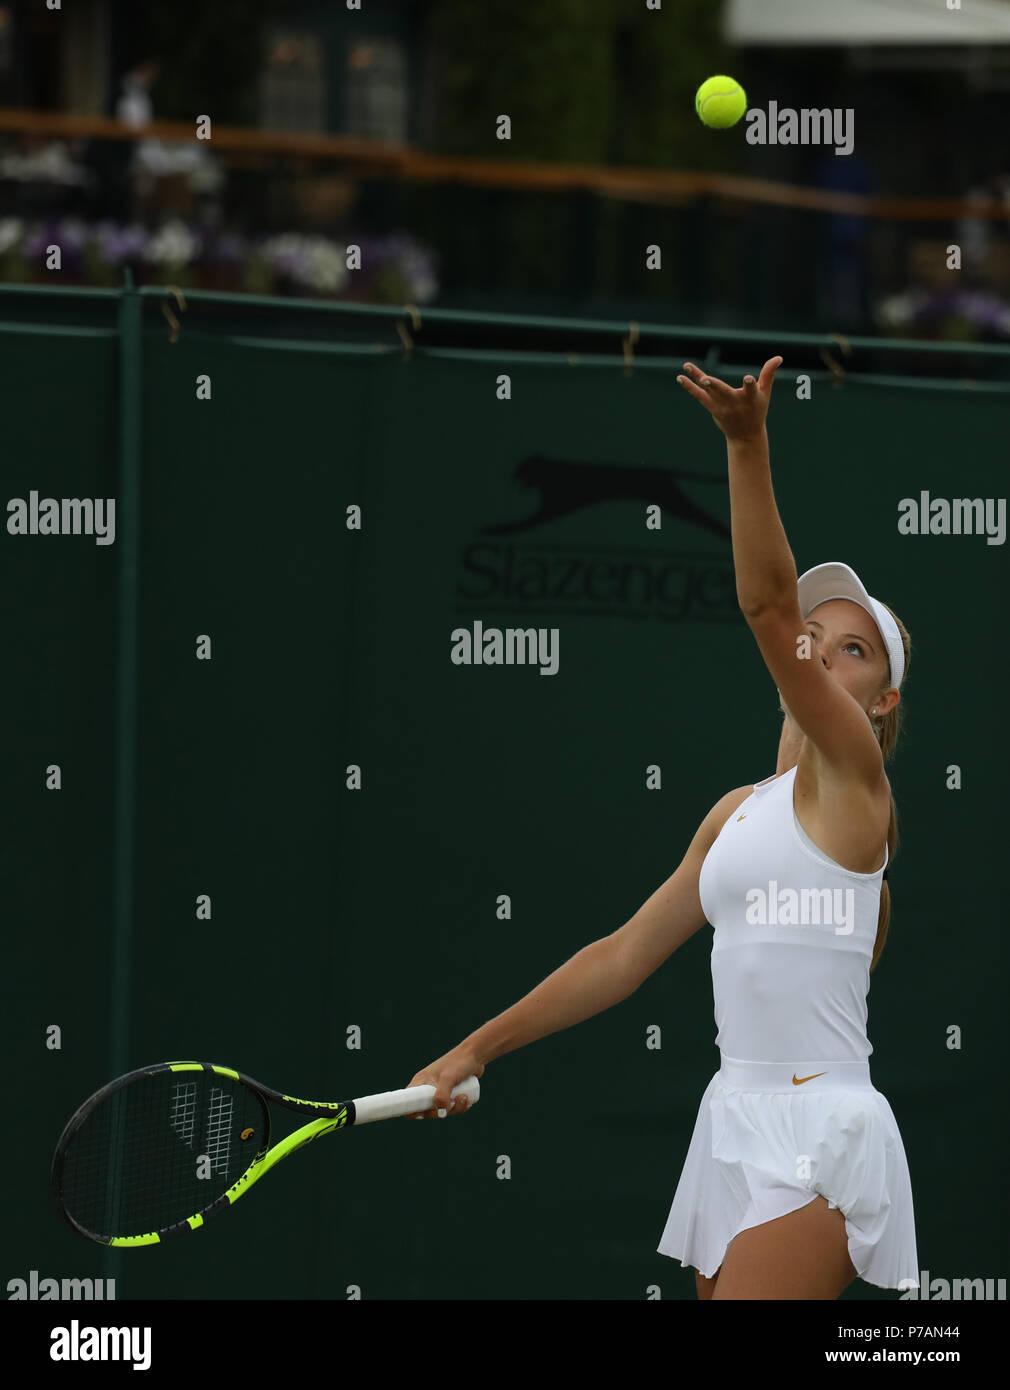 Londres, Reino Unido. 4 de julio, 2018. Katie Swan (GBR) el día 3 de los Campeonatos de Tenis de Wimbledon, Wimbledon, Londres, el 4 de julio de 2018. Crédito: Paul Marriott/Alamy Live News Foto de stock